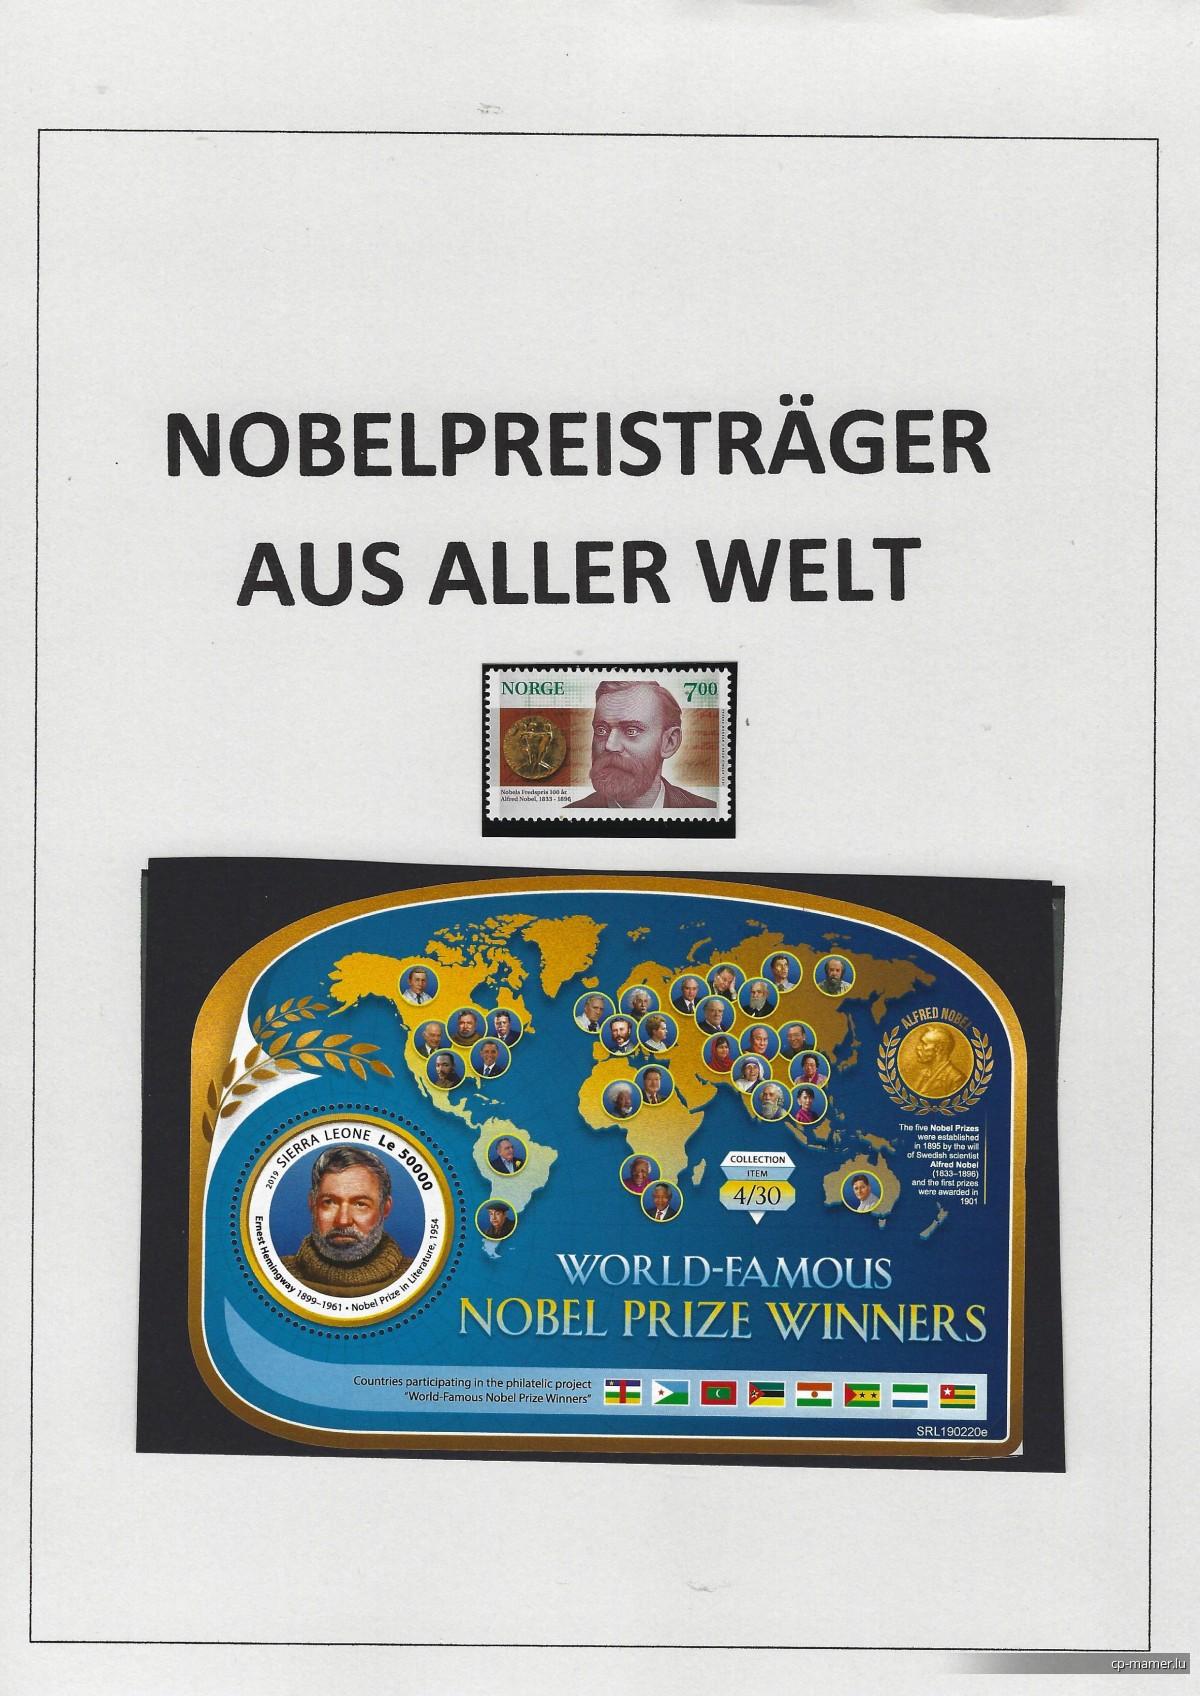 Nobel Prize - Nobelpreisträger aus aller Welt